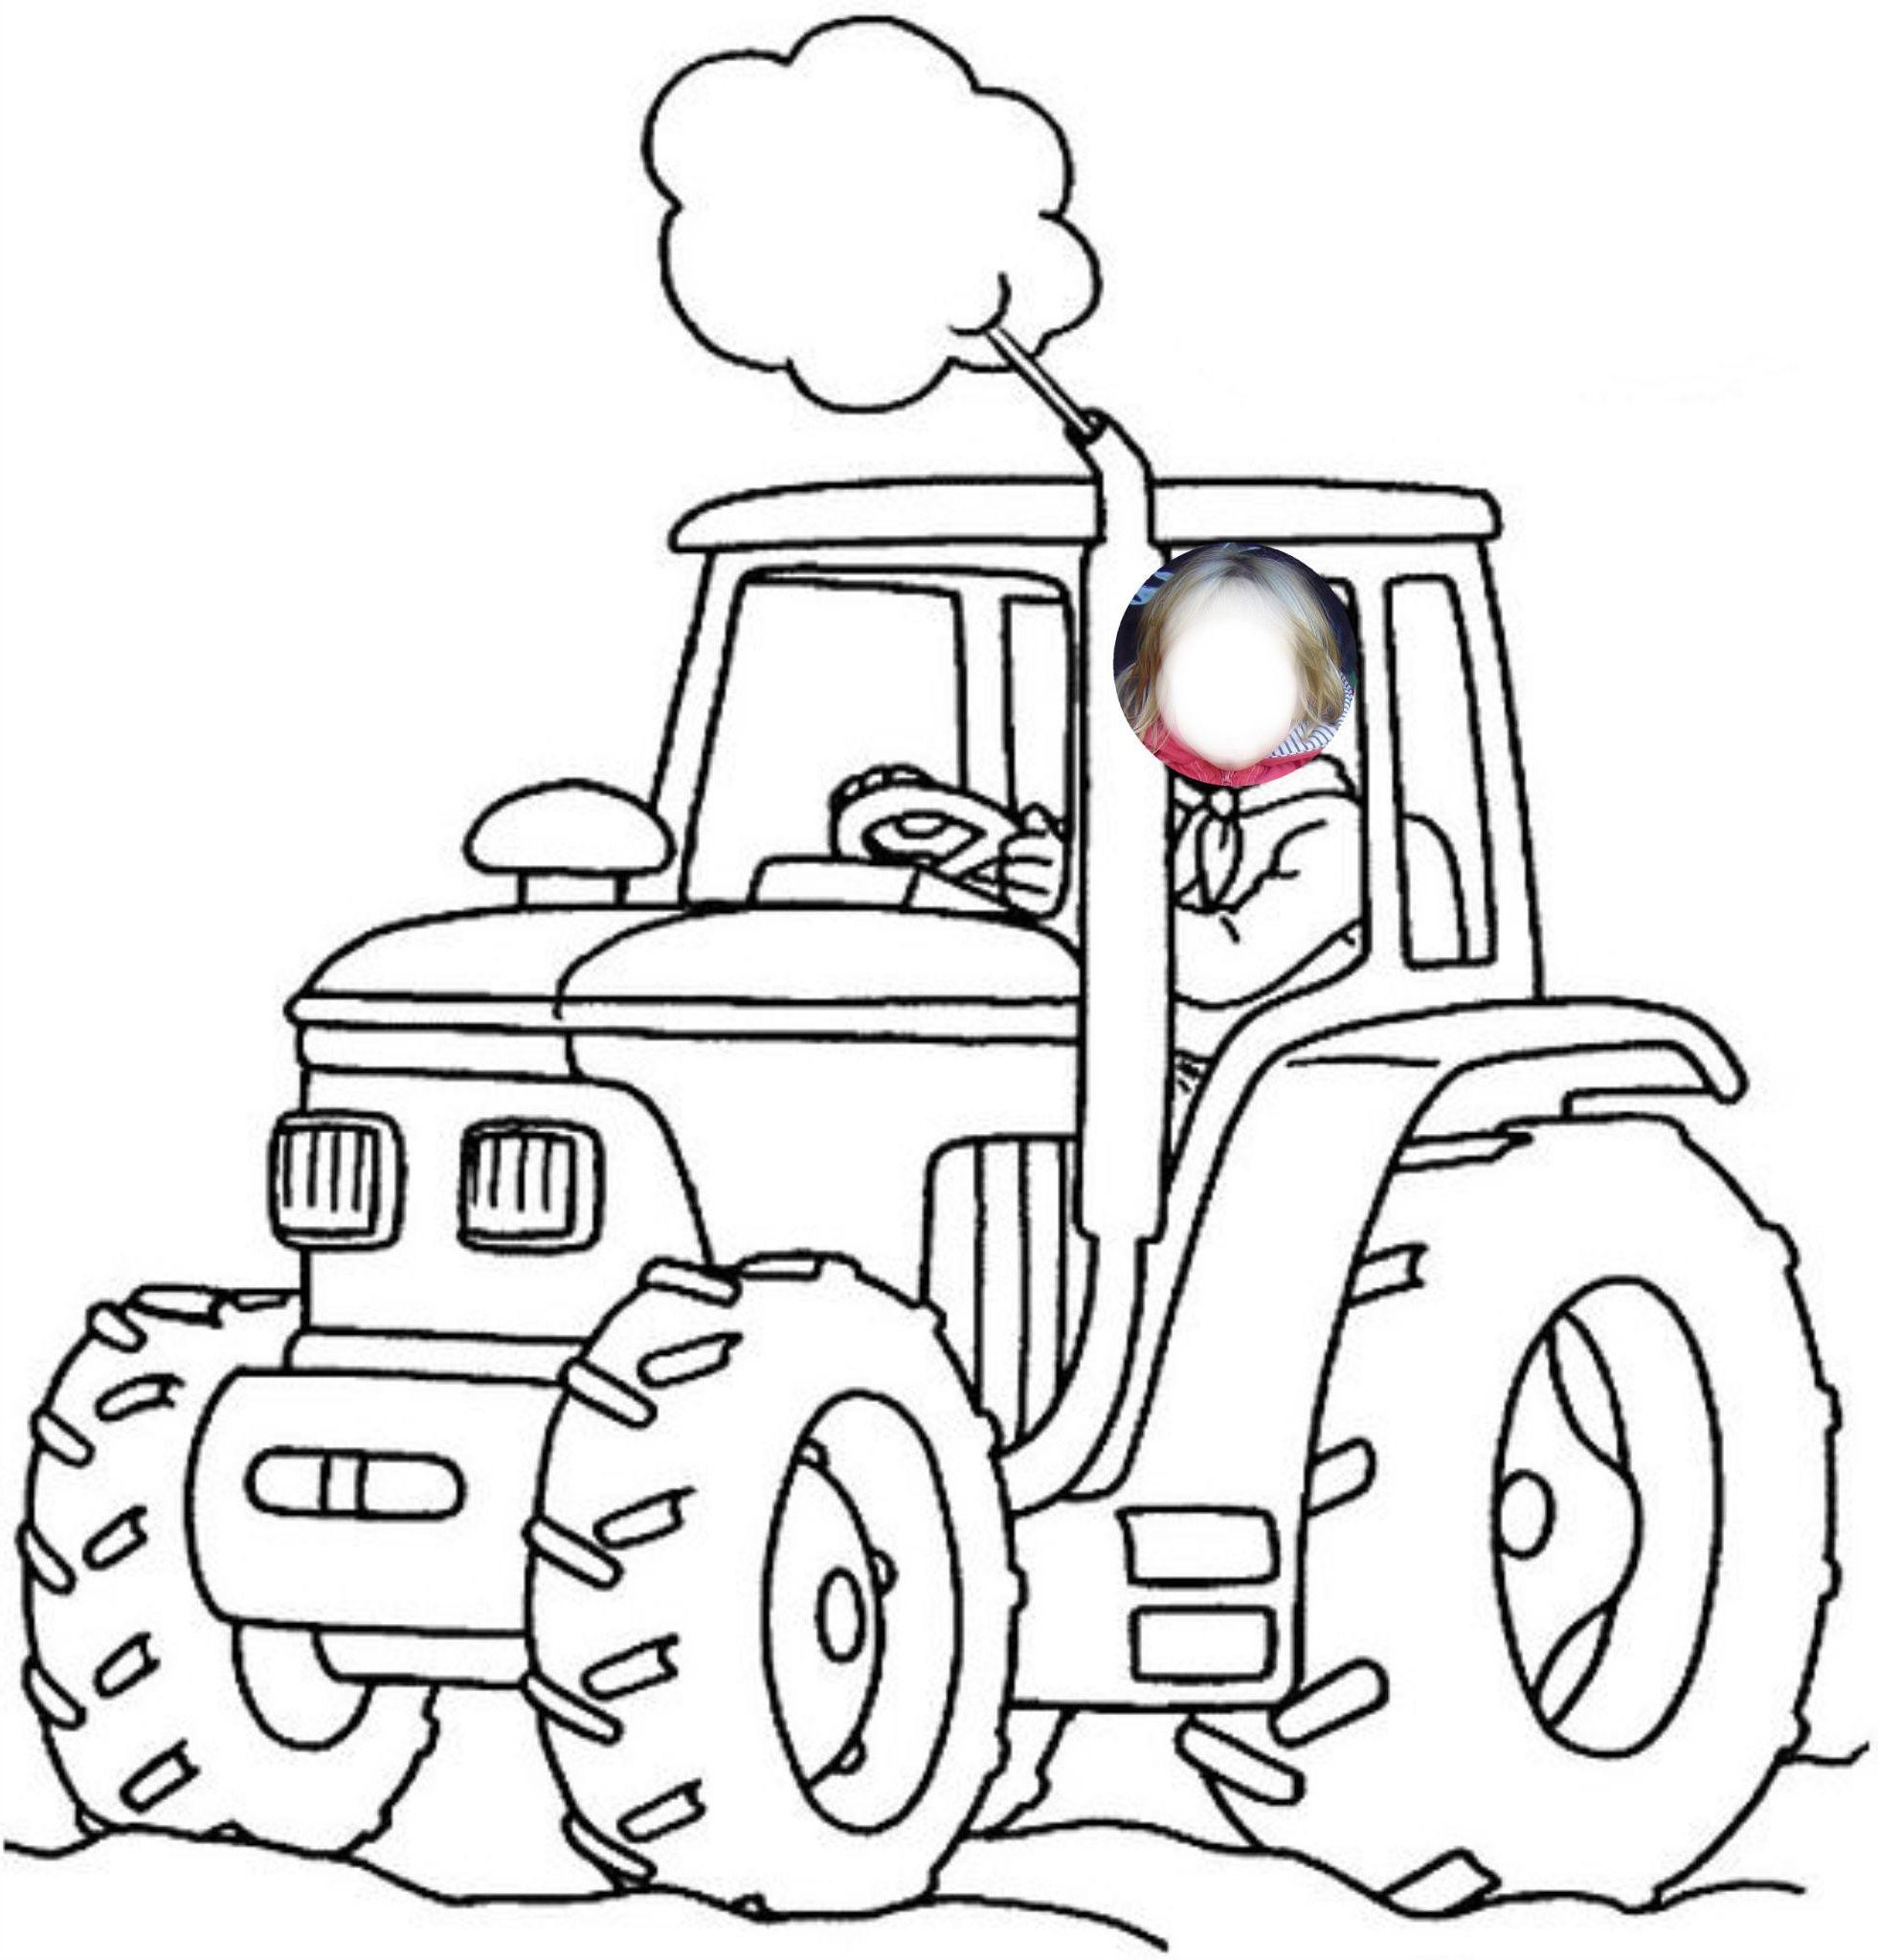 Coloriage De Tracteur Avec Une Remorque Coloriageferme In 2020